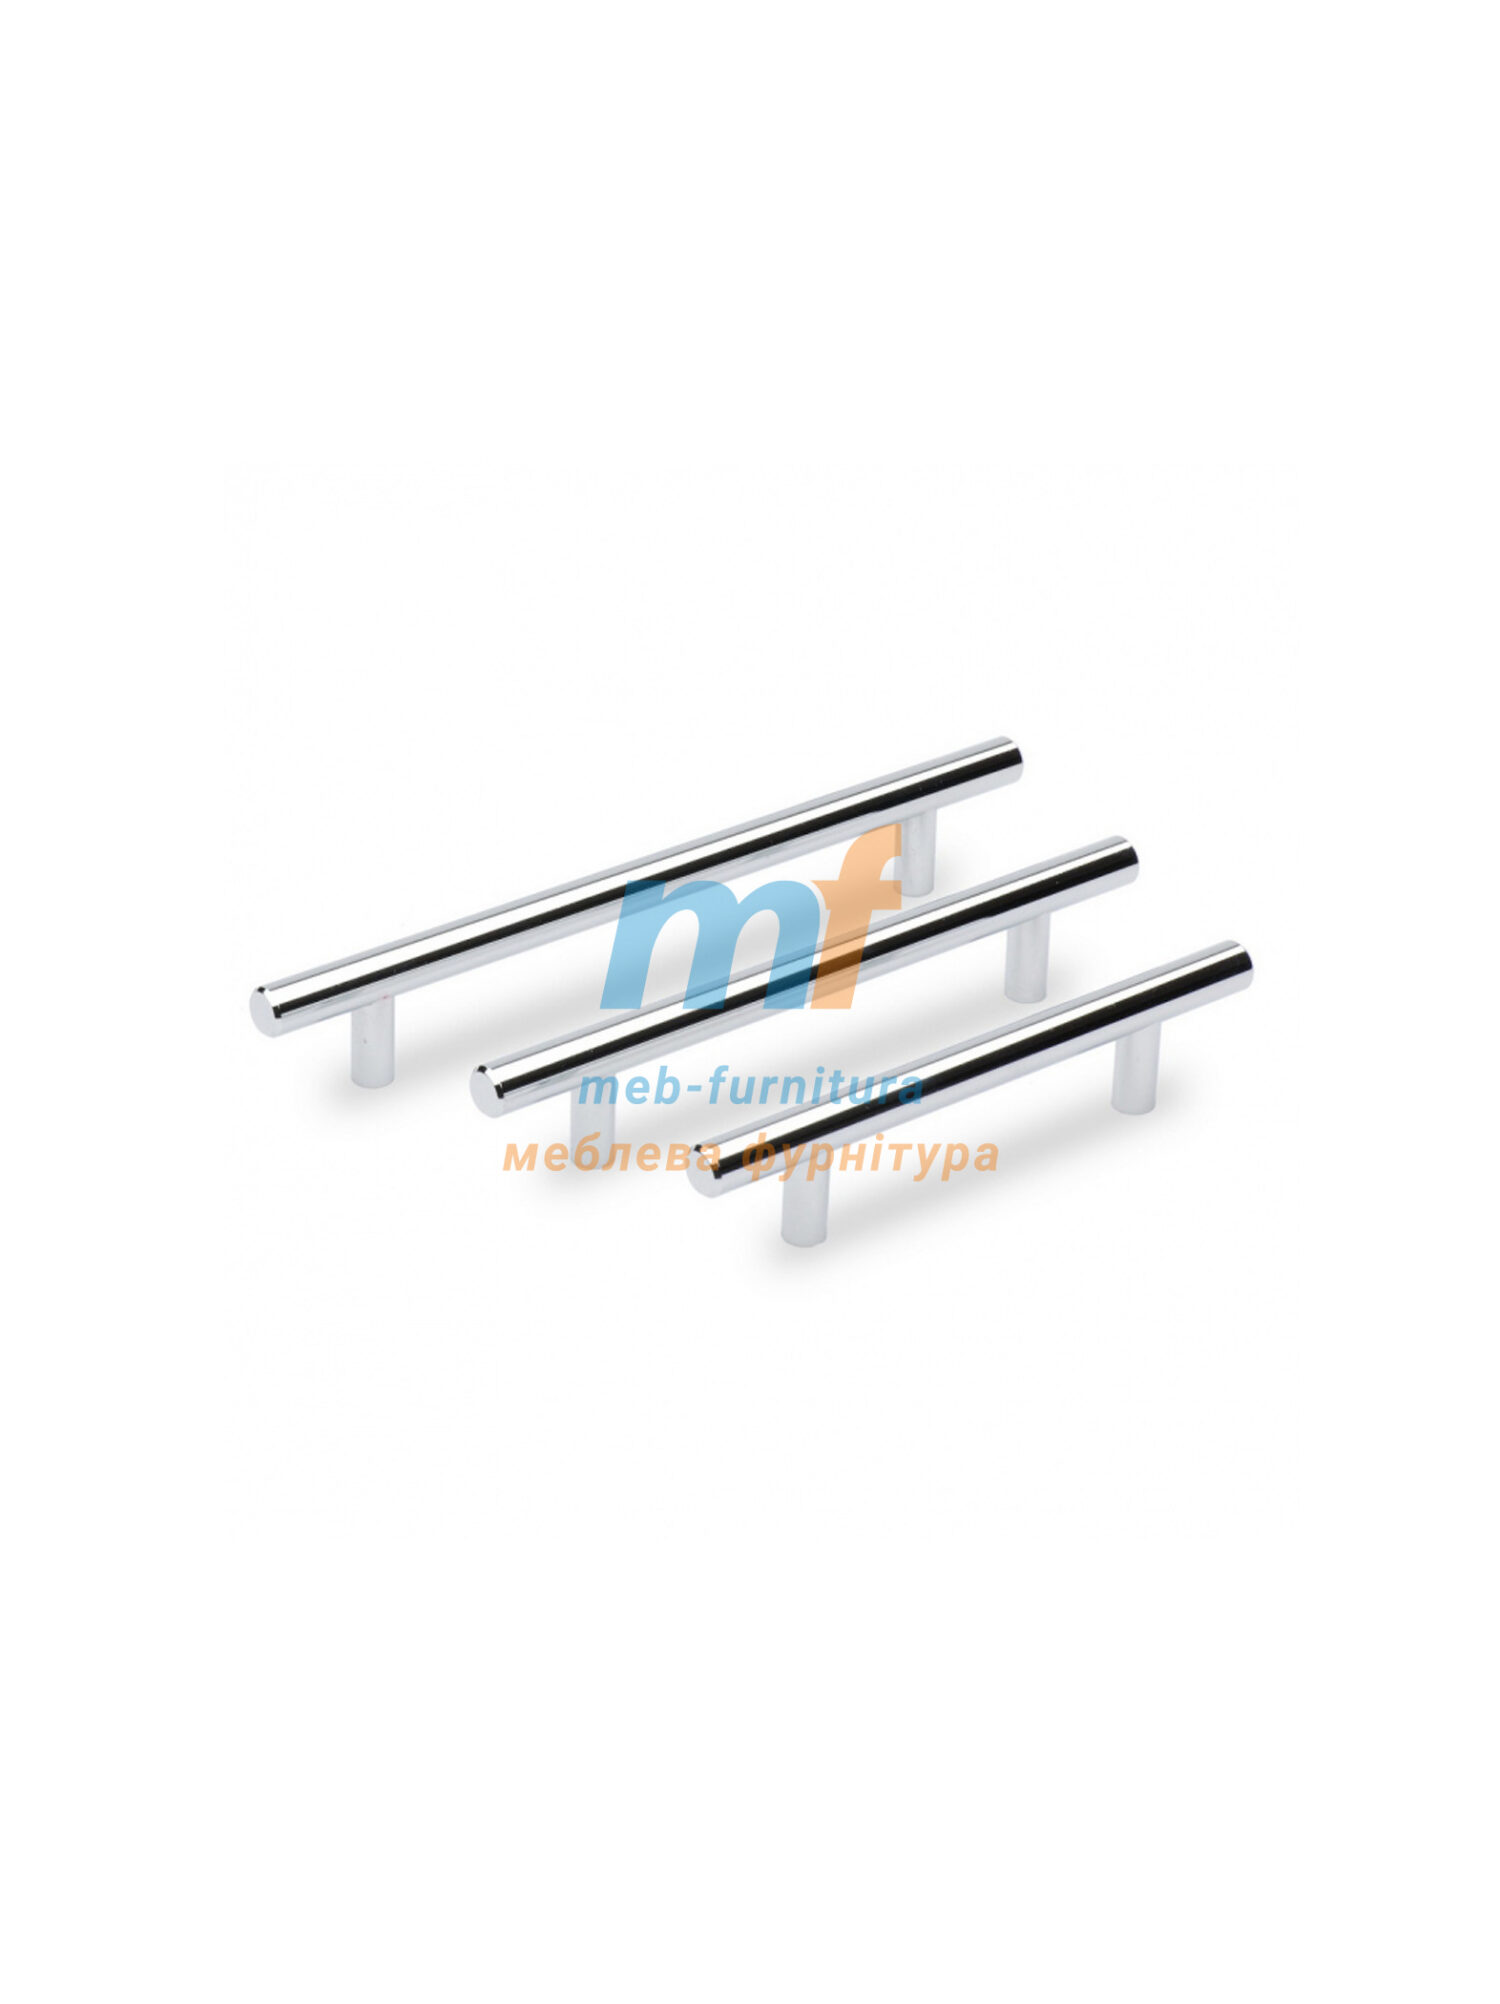 Ручка мебельная релинг 96мм - хром